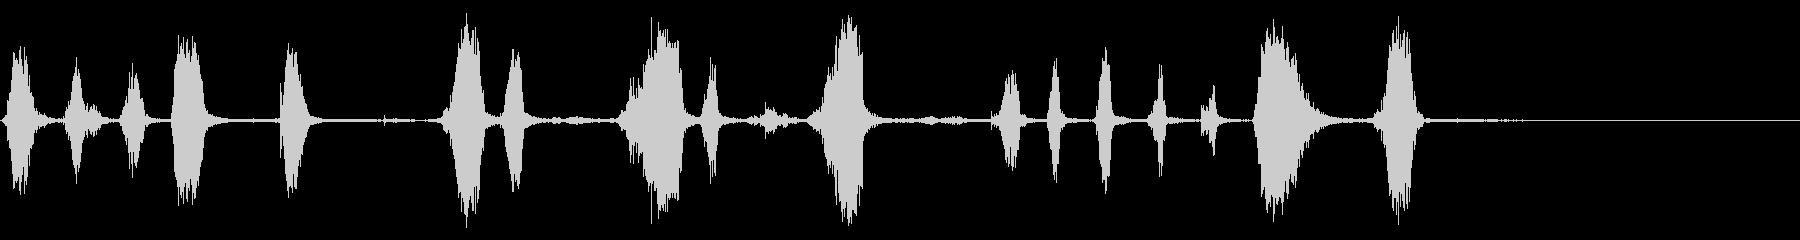 アコーデオン:クレイジーアクセント...の未再生の波形